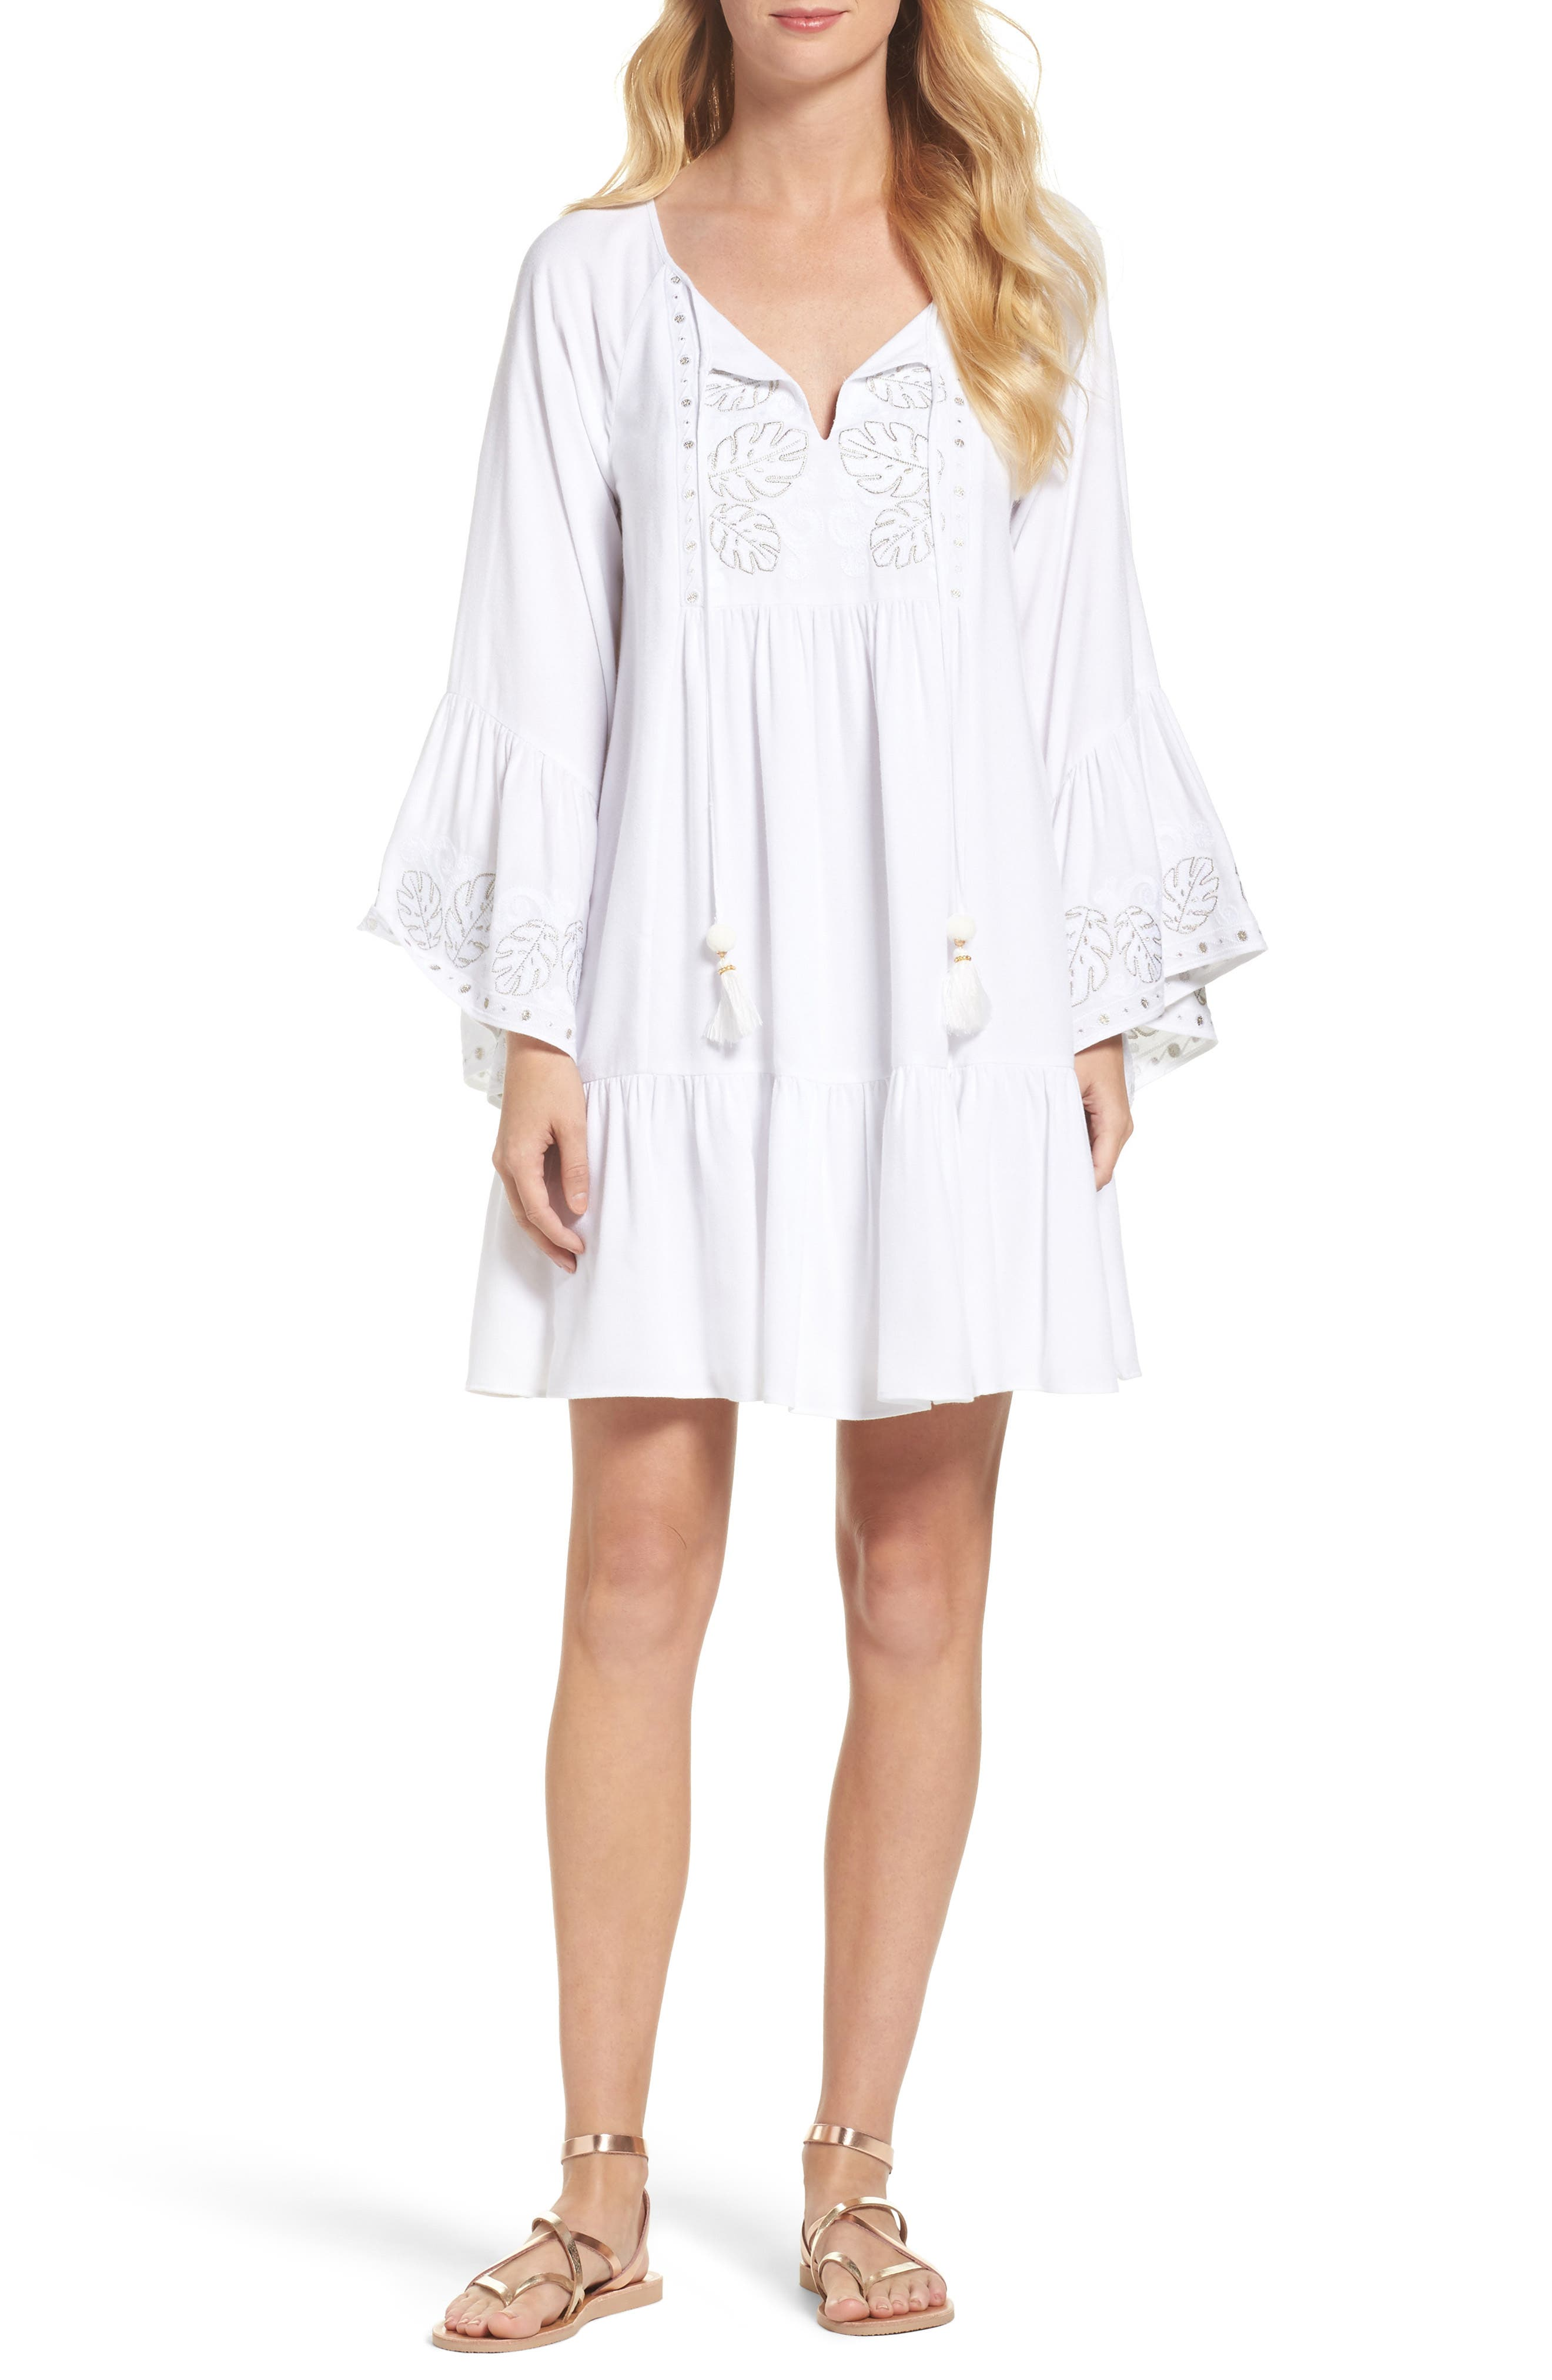 Amisa Tunic Dress,                             Main thumbnail 1, color,                             115